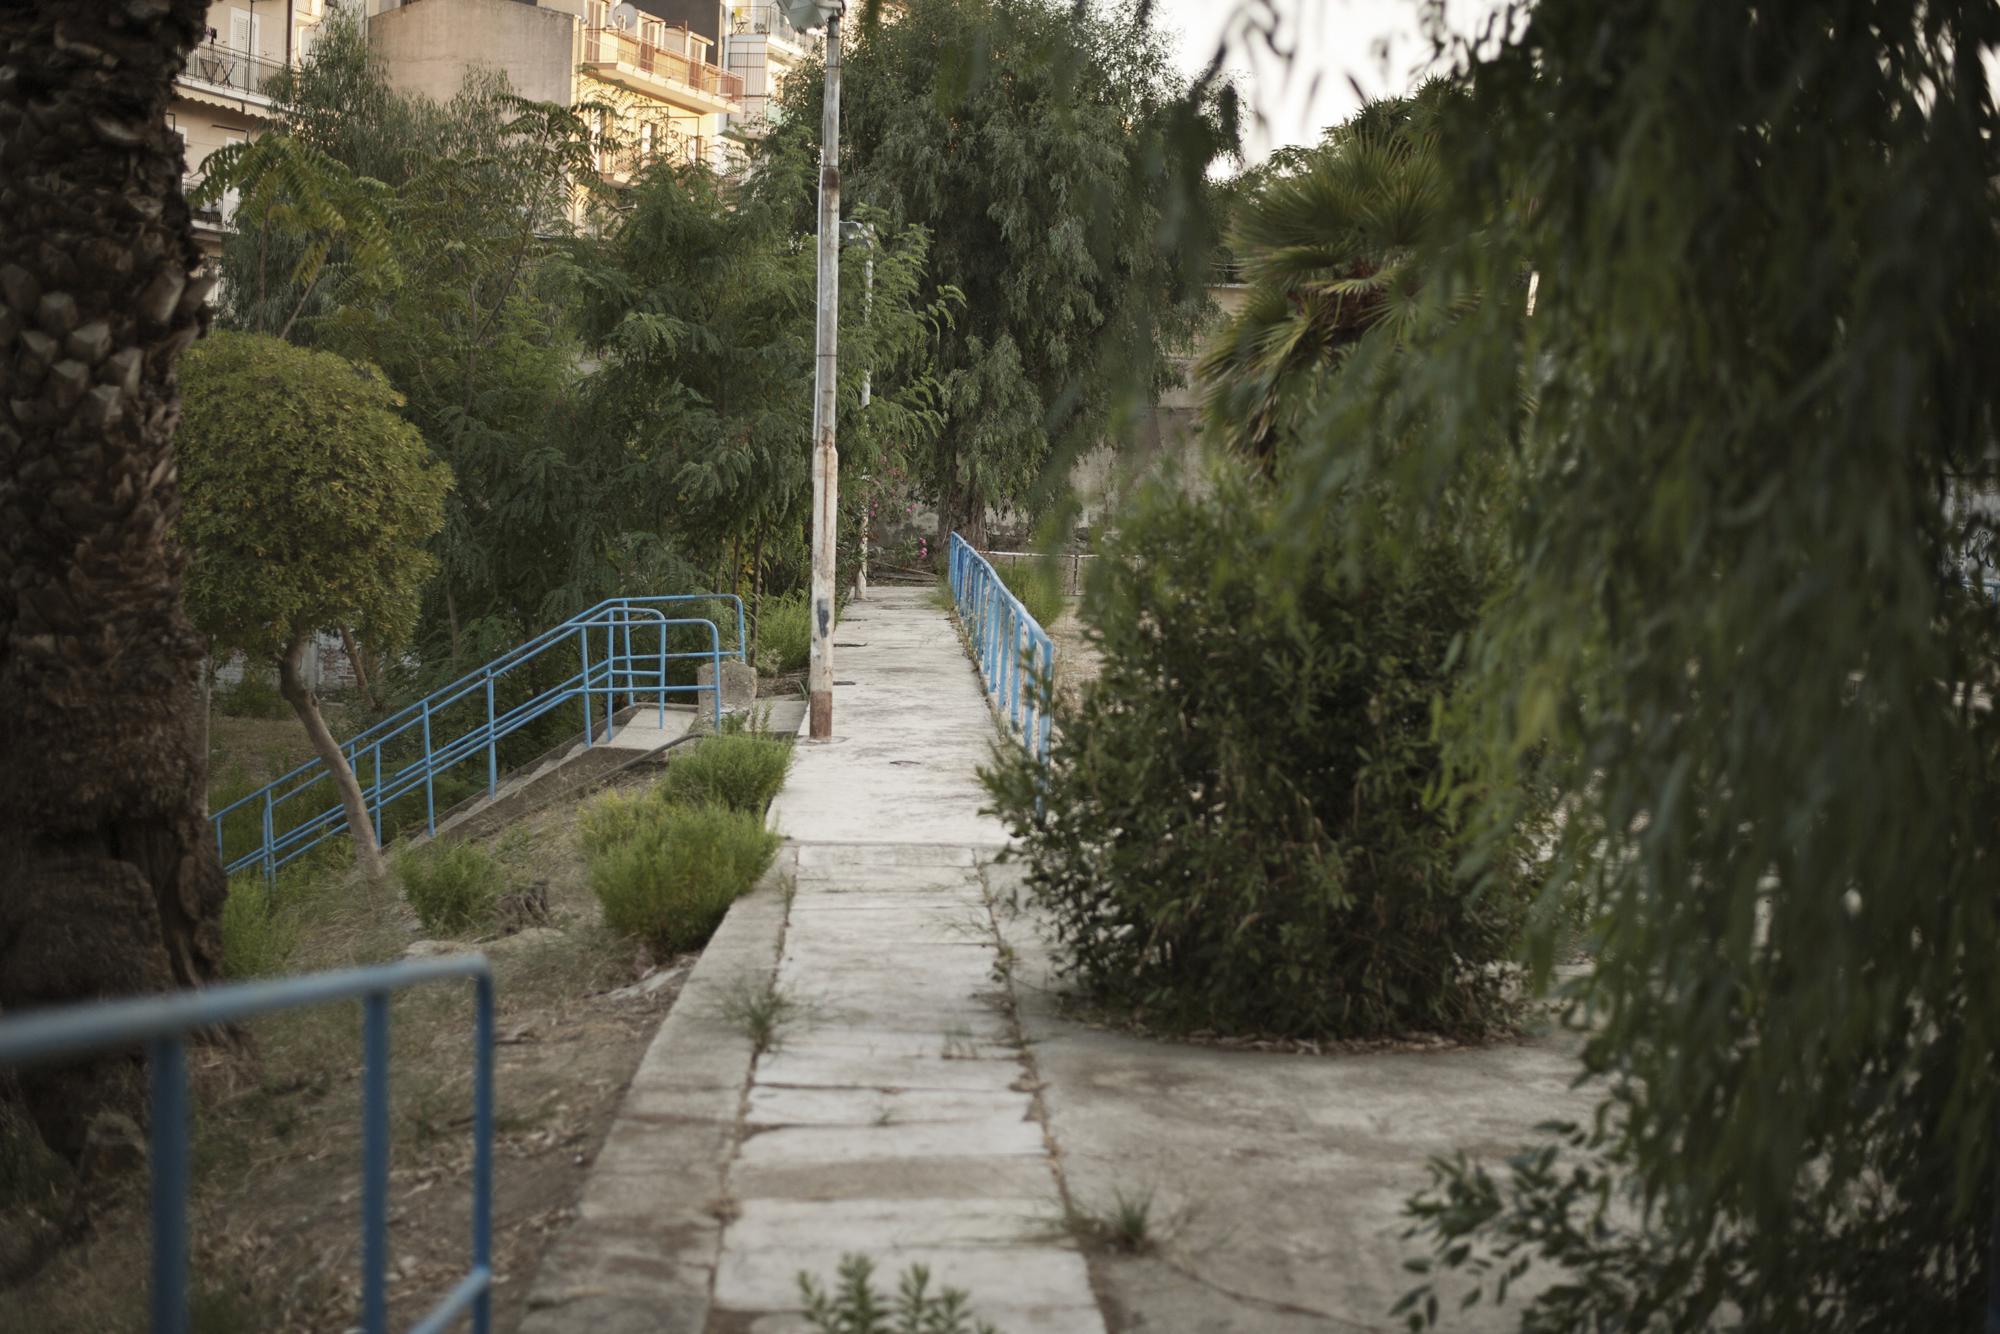 Italia. Crotone 2013: I vecchi circoli ricreativi degli operai Pertusola versano in stato di abbandono.